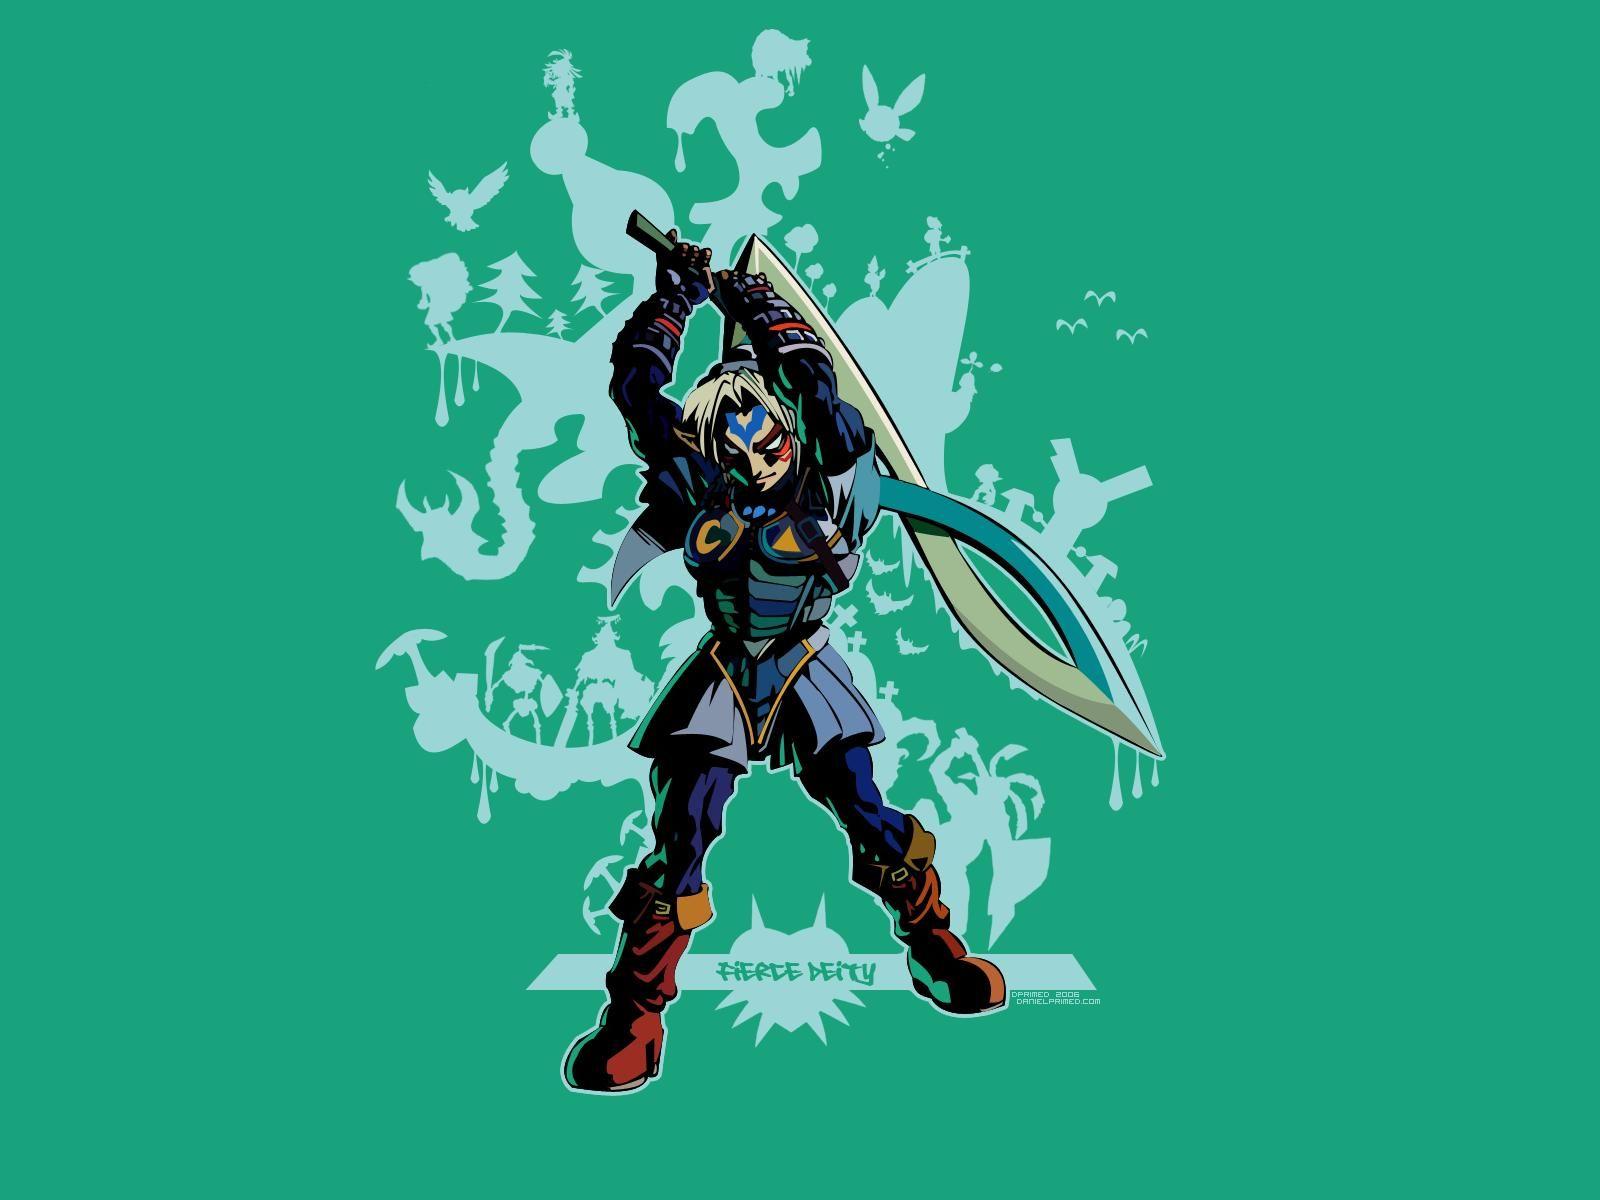 Popular Wallpaper Home Screen Zelda - d1a50d892a813a264f3aea2bdc5a1f00  Trends_801089.jpg